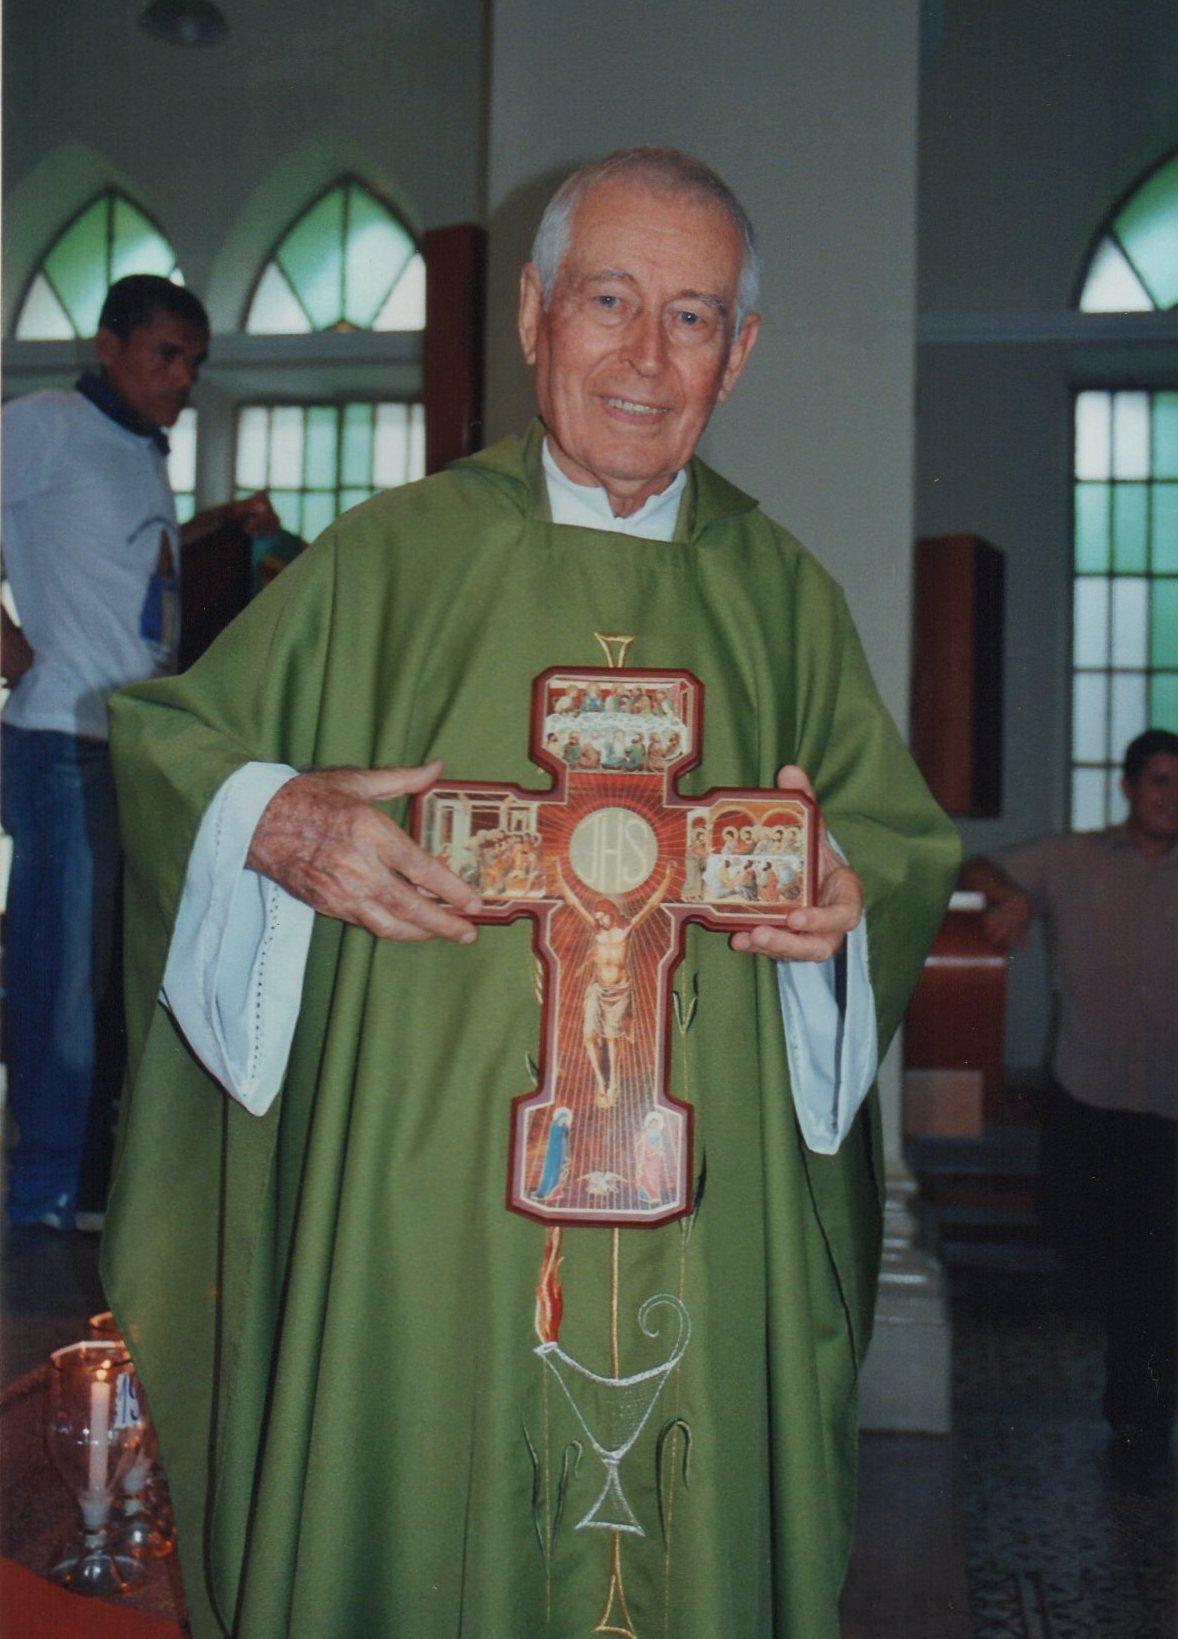 60 anos de vida sacerdotal - 2009